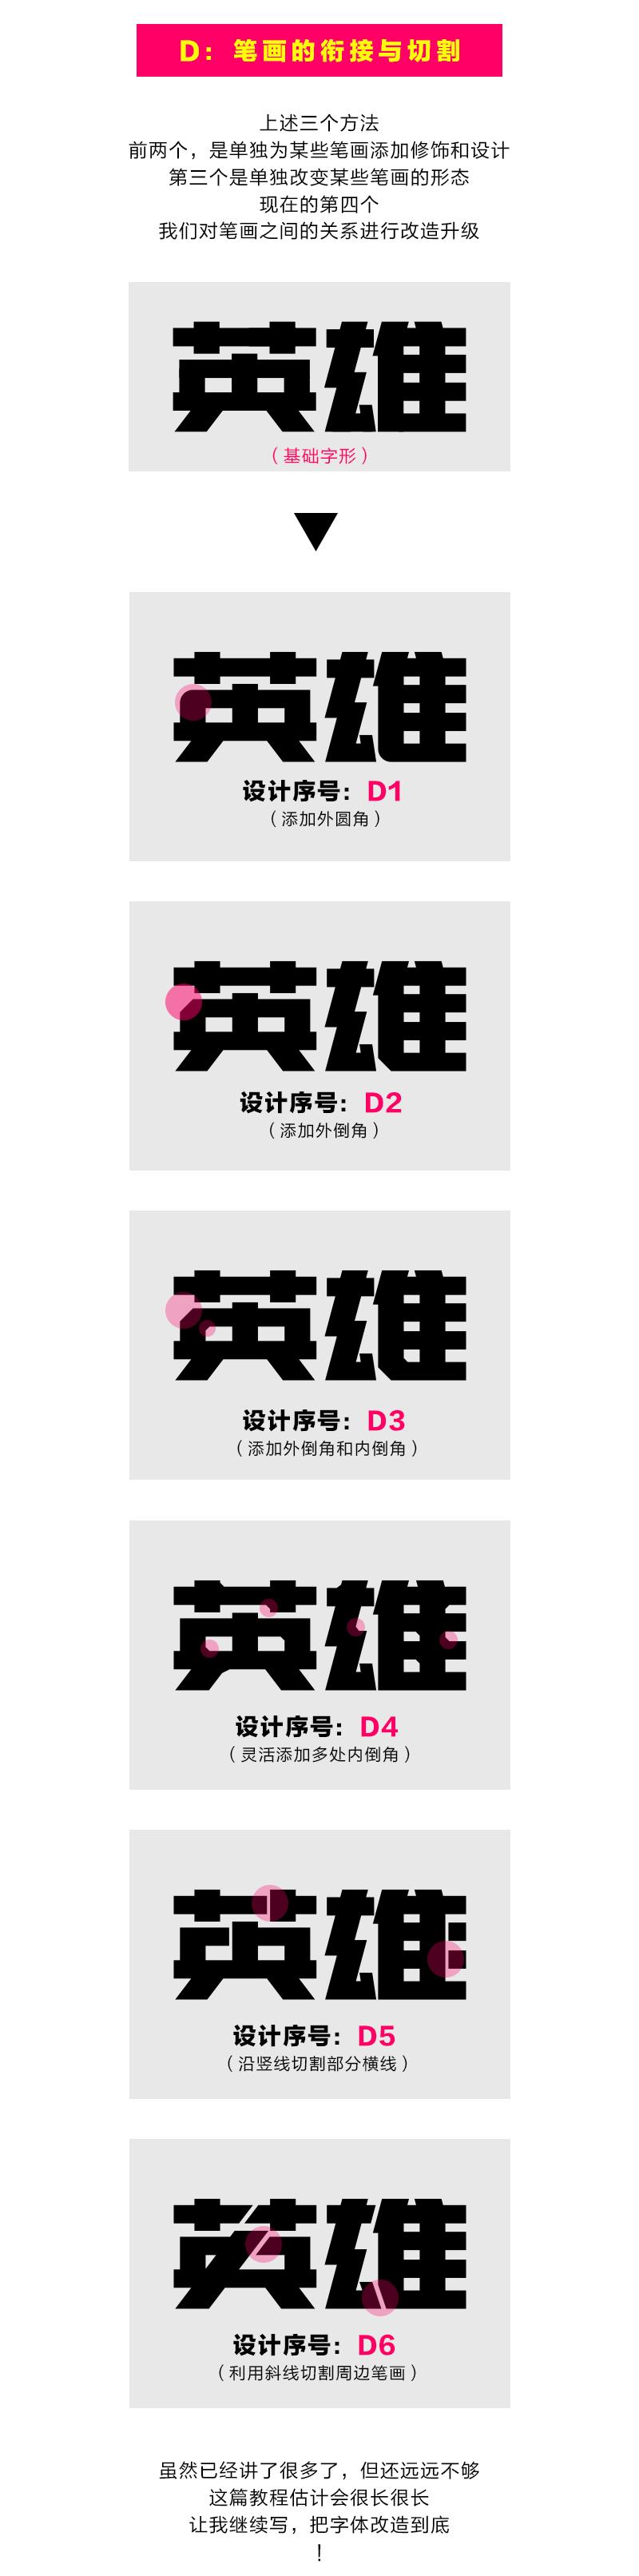 刘兵克大神教程!送给你150000种字体设计方法